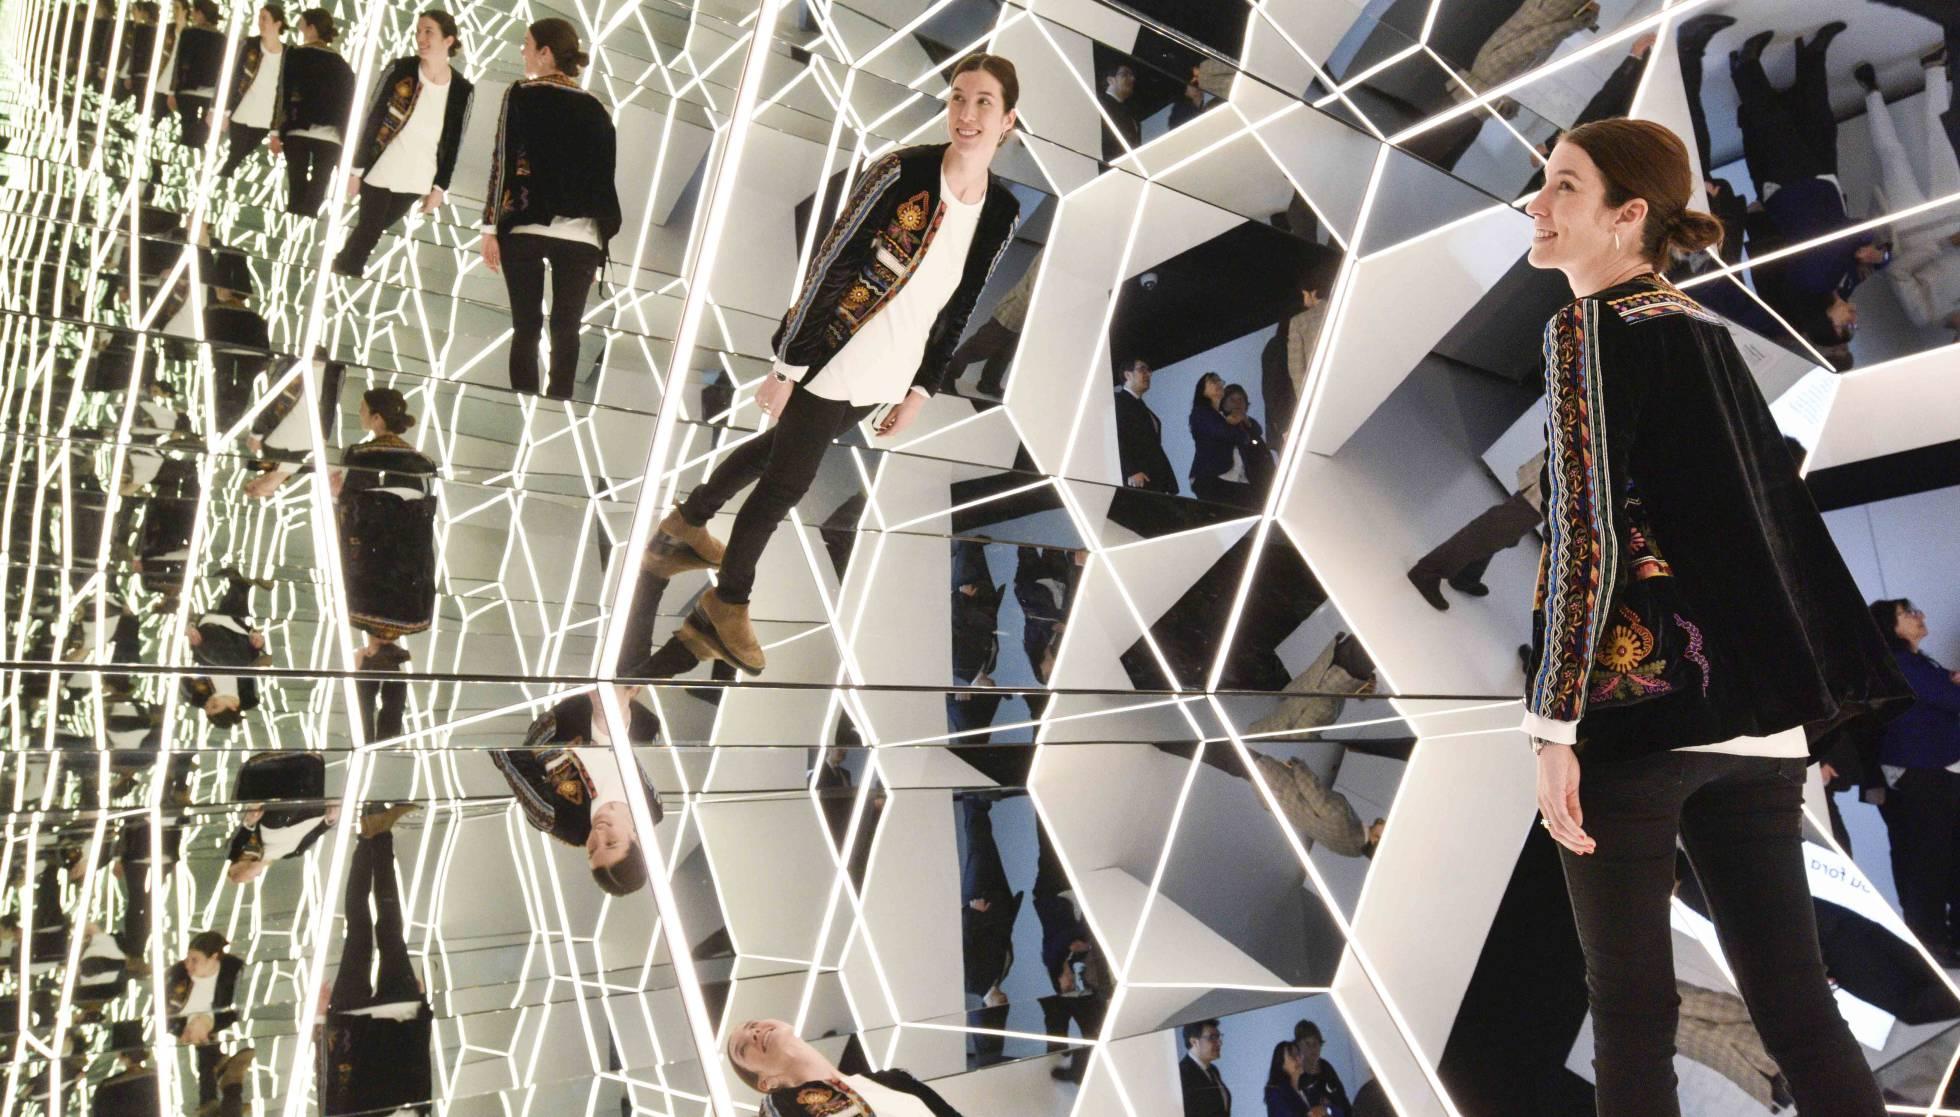 Музей CosmoCaixa презентует зеркала как один из главных инструментов мира науки